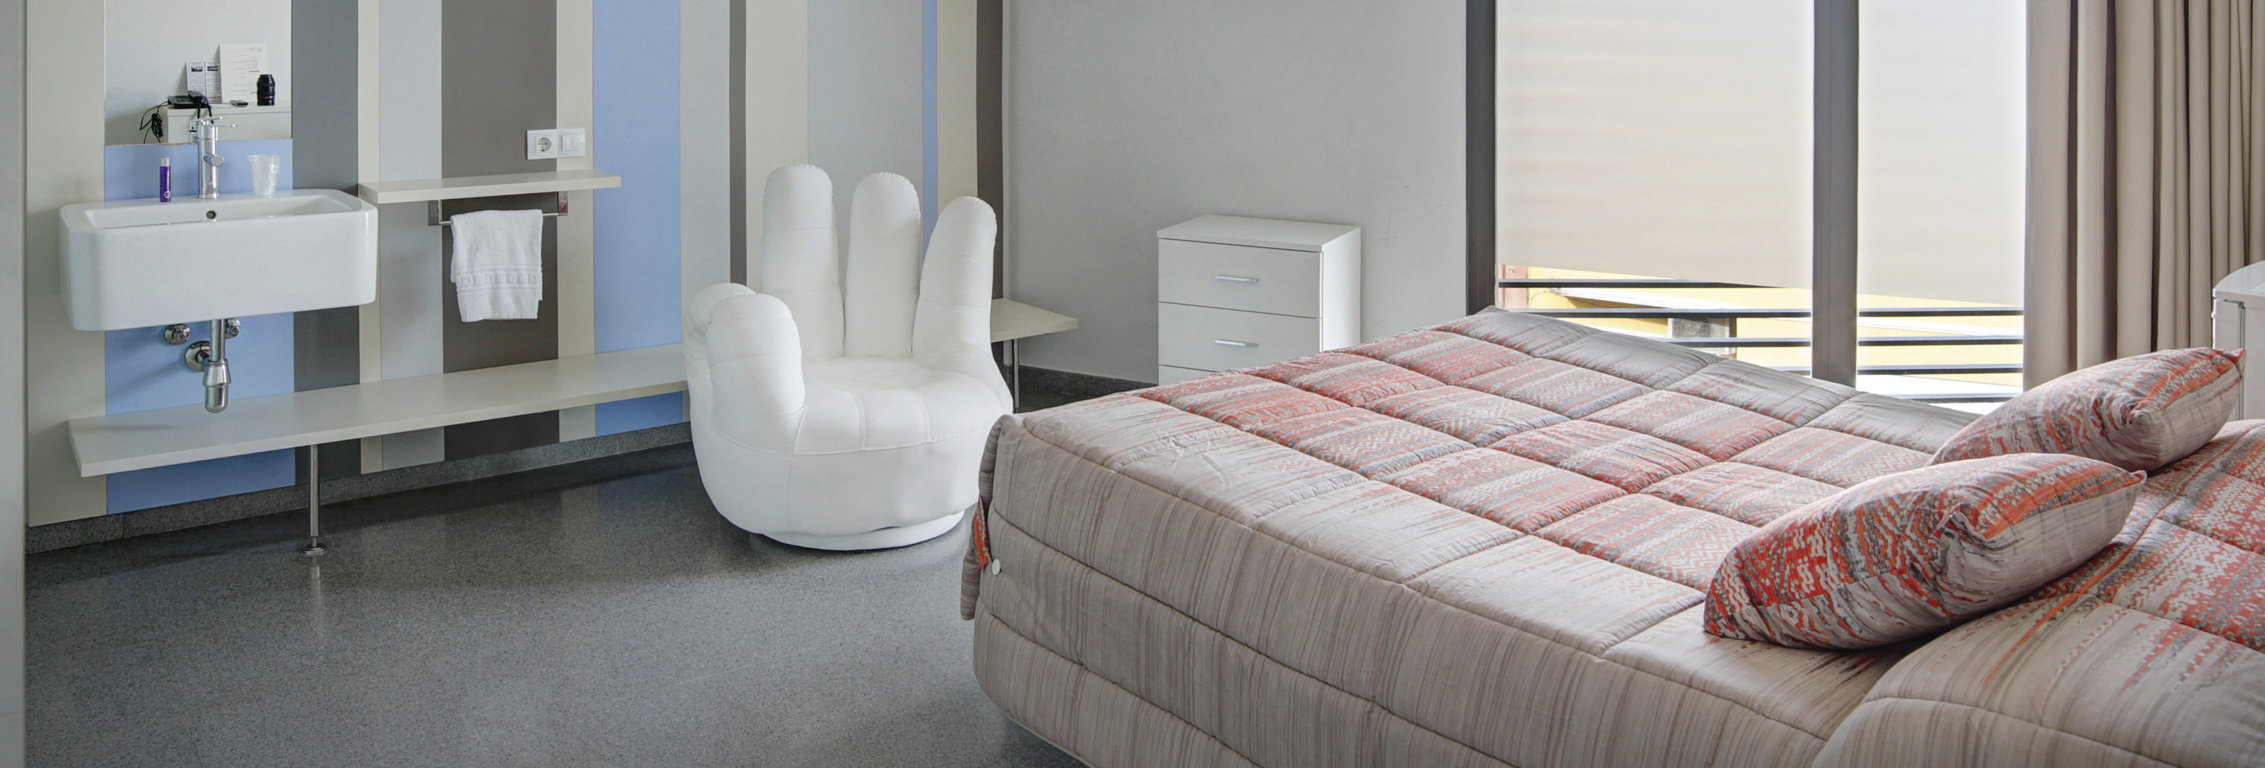 hostal la creu mora ebre tarragona habitacions-01 (FILEminimizer)